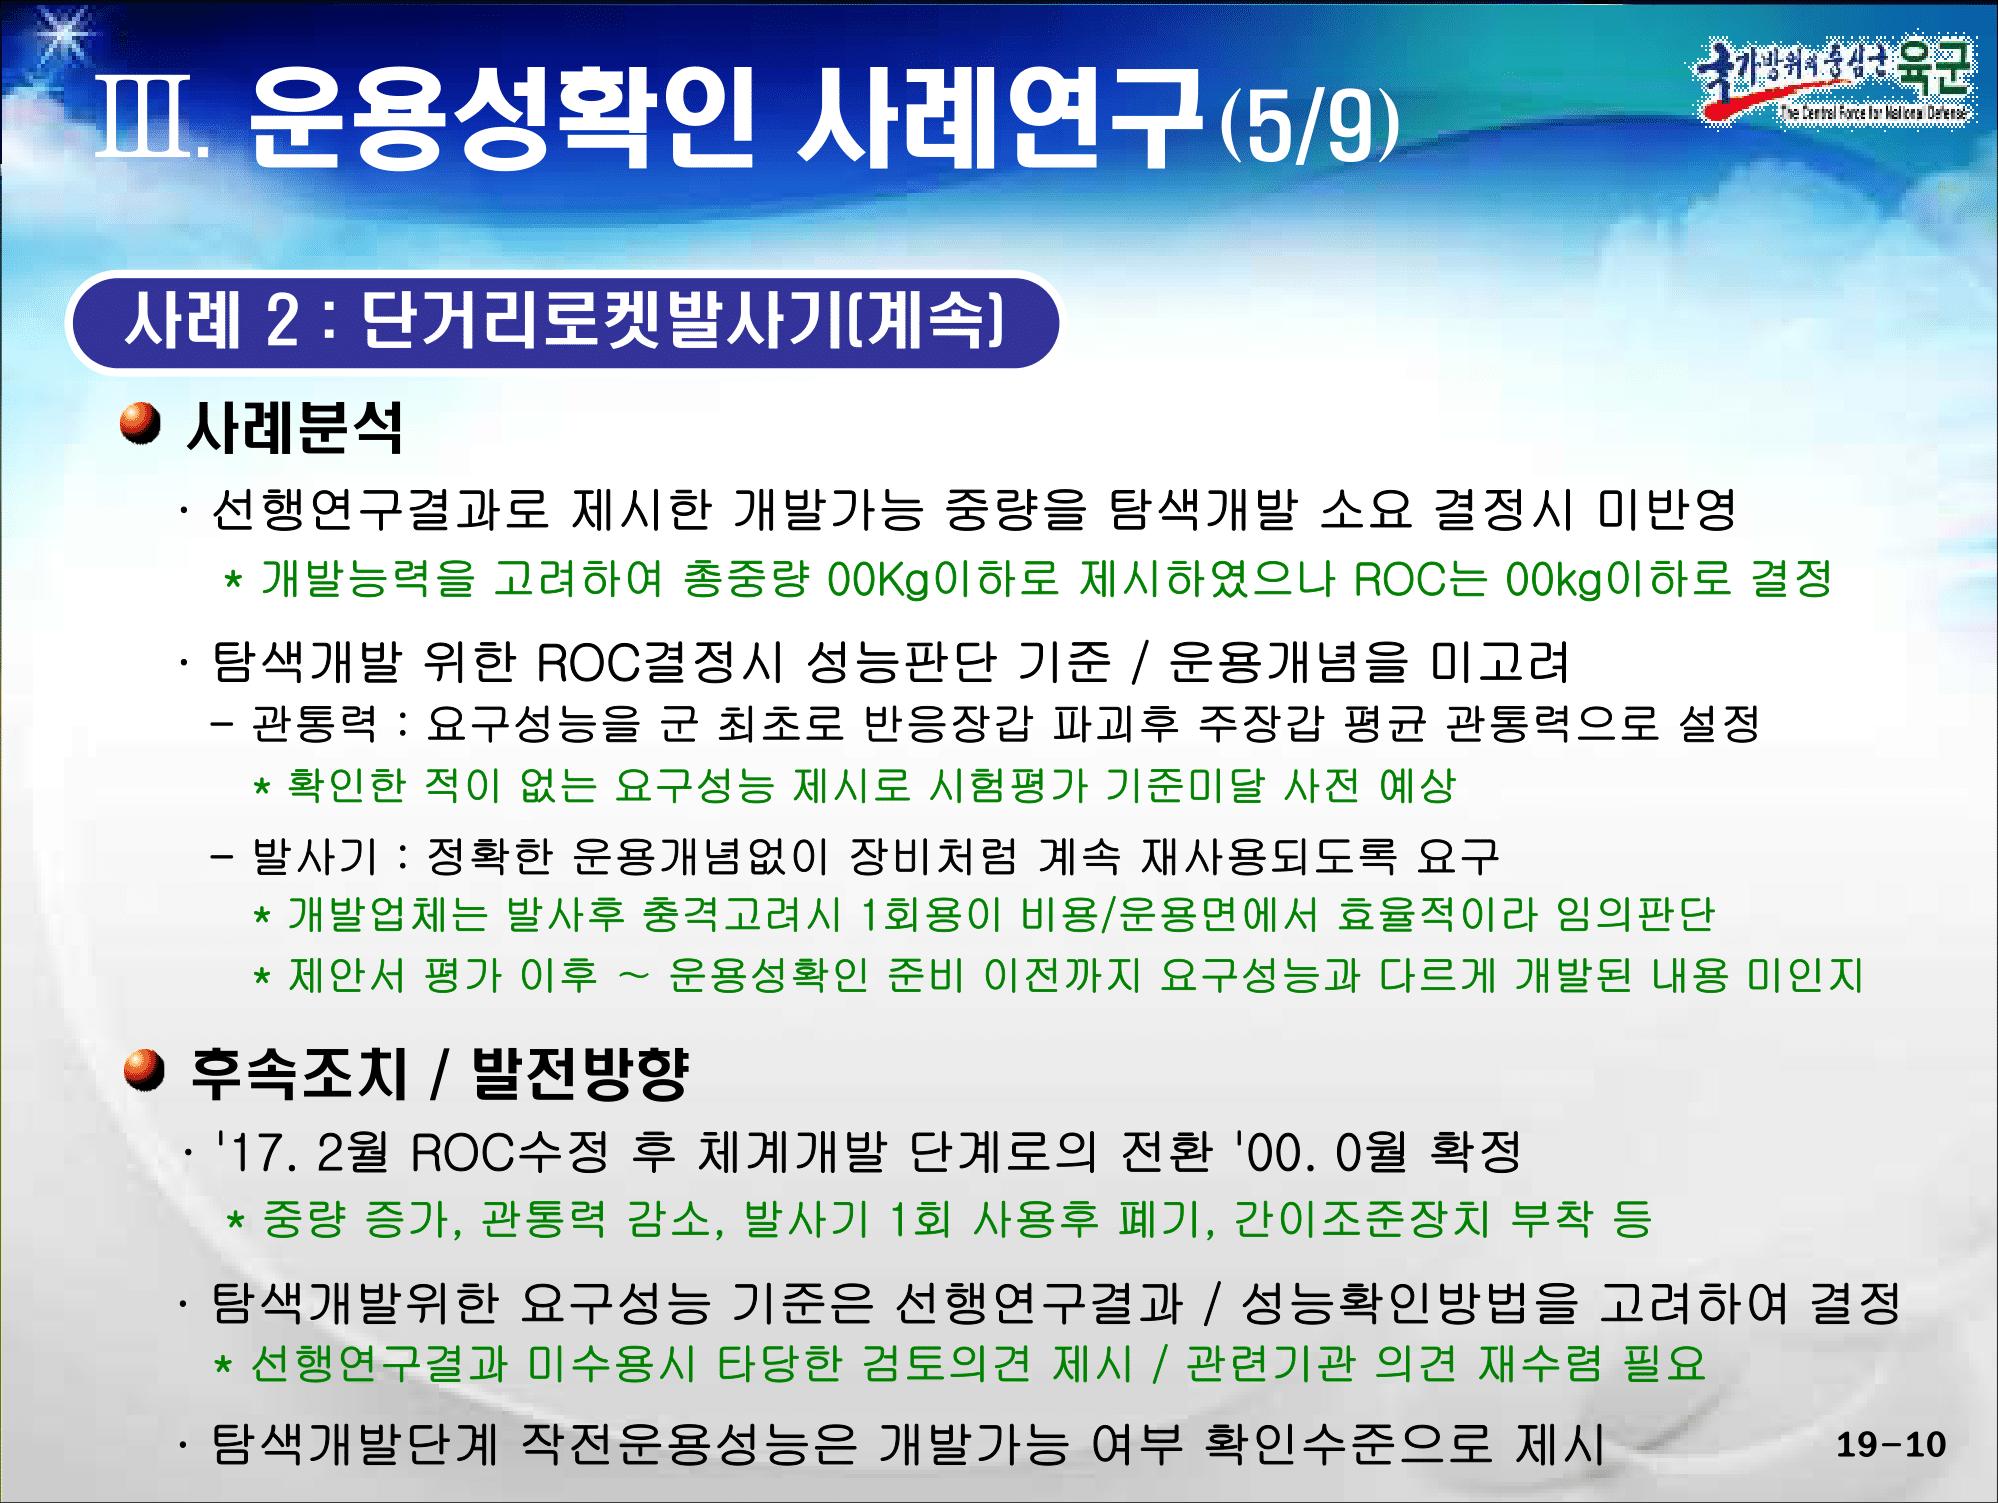 pdf2png.zip-[1-2-02]탐색개발 운용성확인 발전방안-[1-2-02]탐색개발 운용성확인 발전방안-10.png